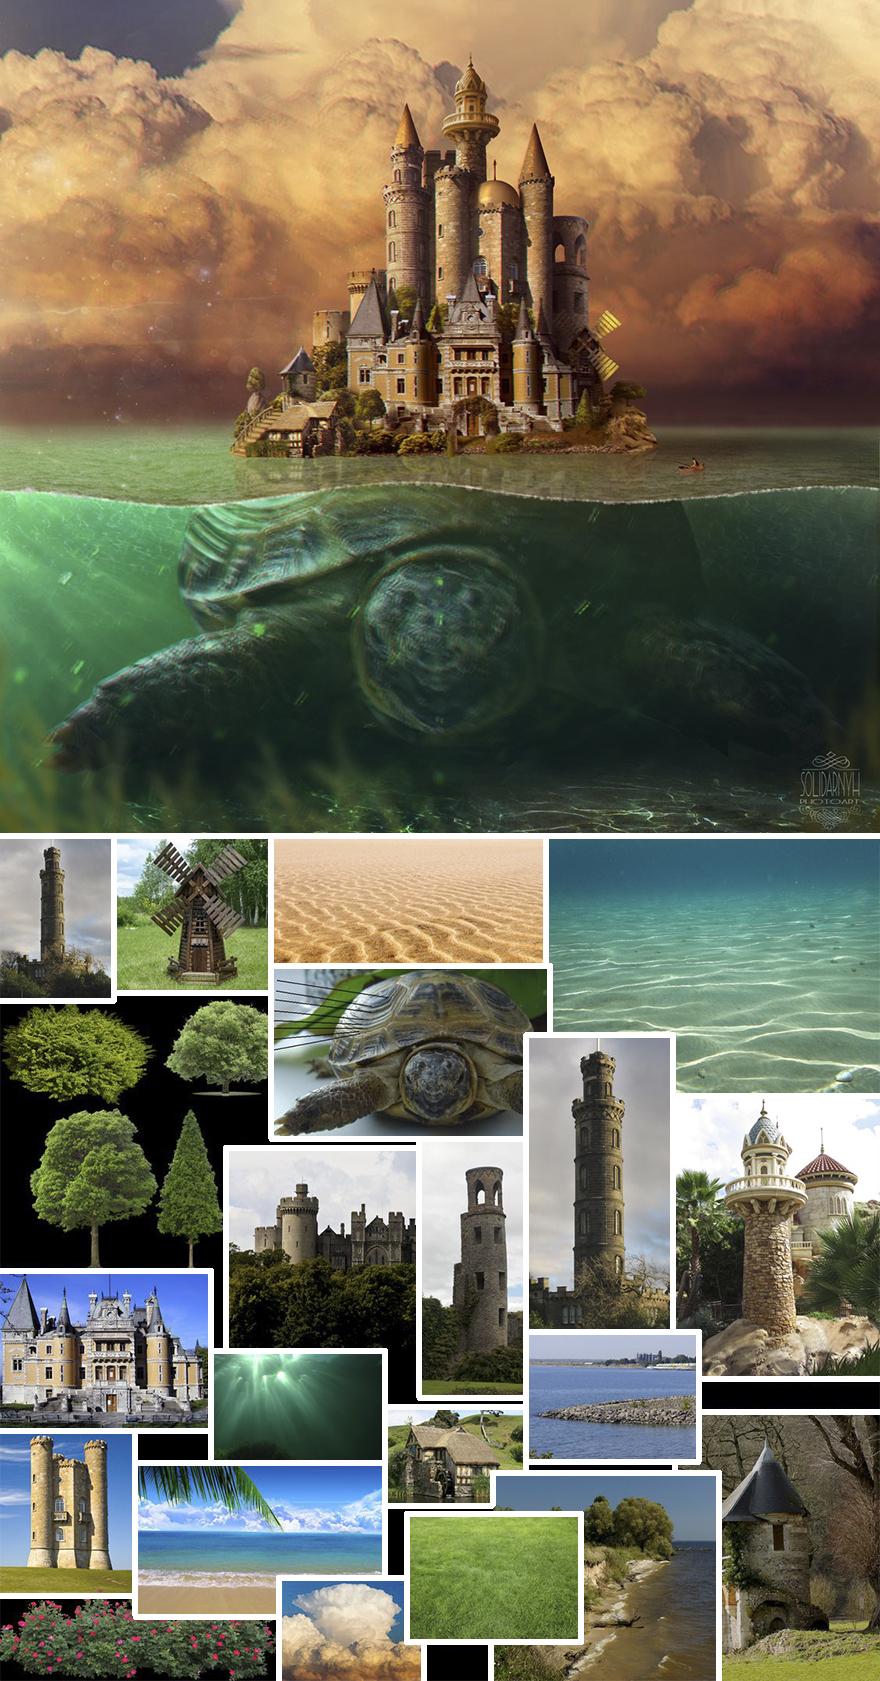 Artista combina imagens para criar cenas impressionantes